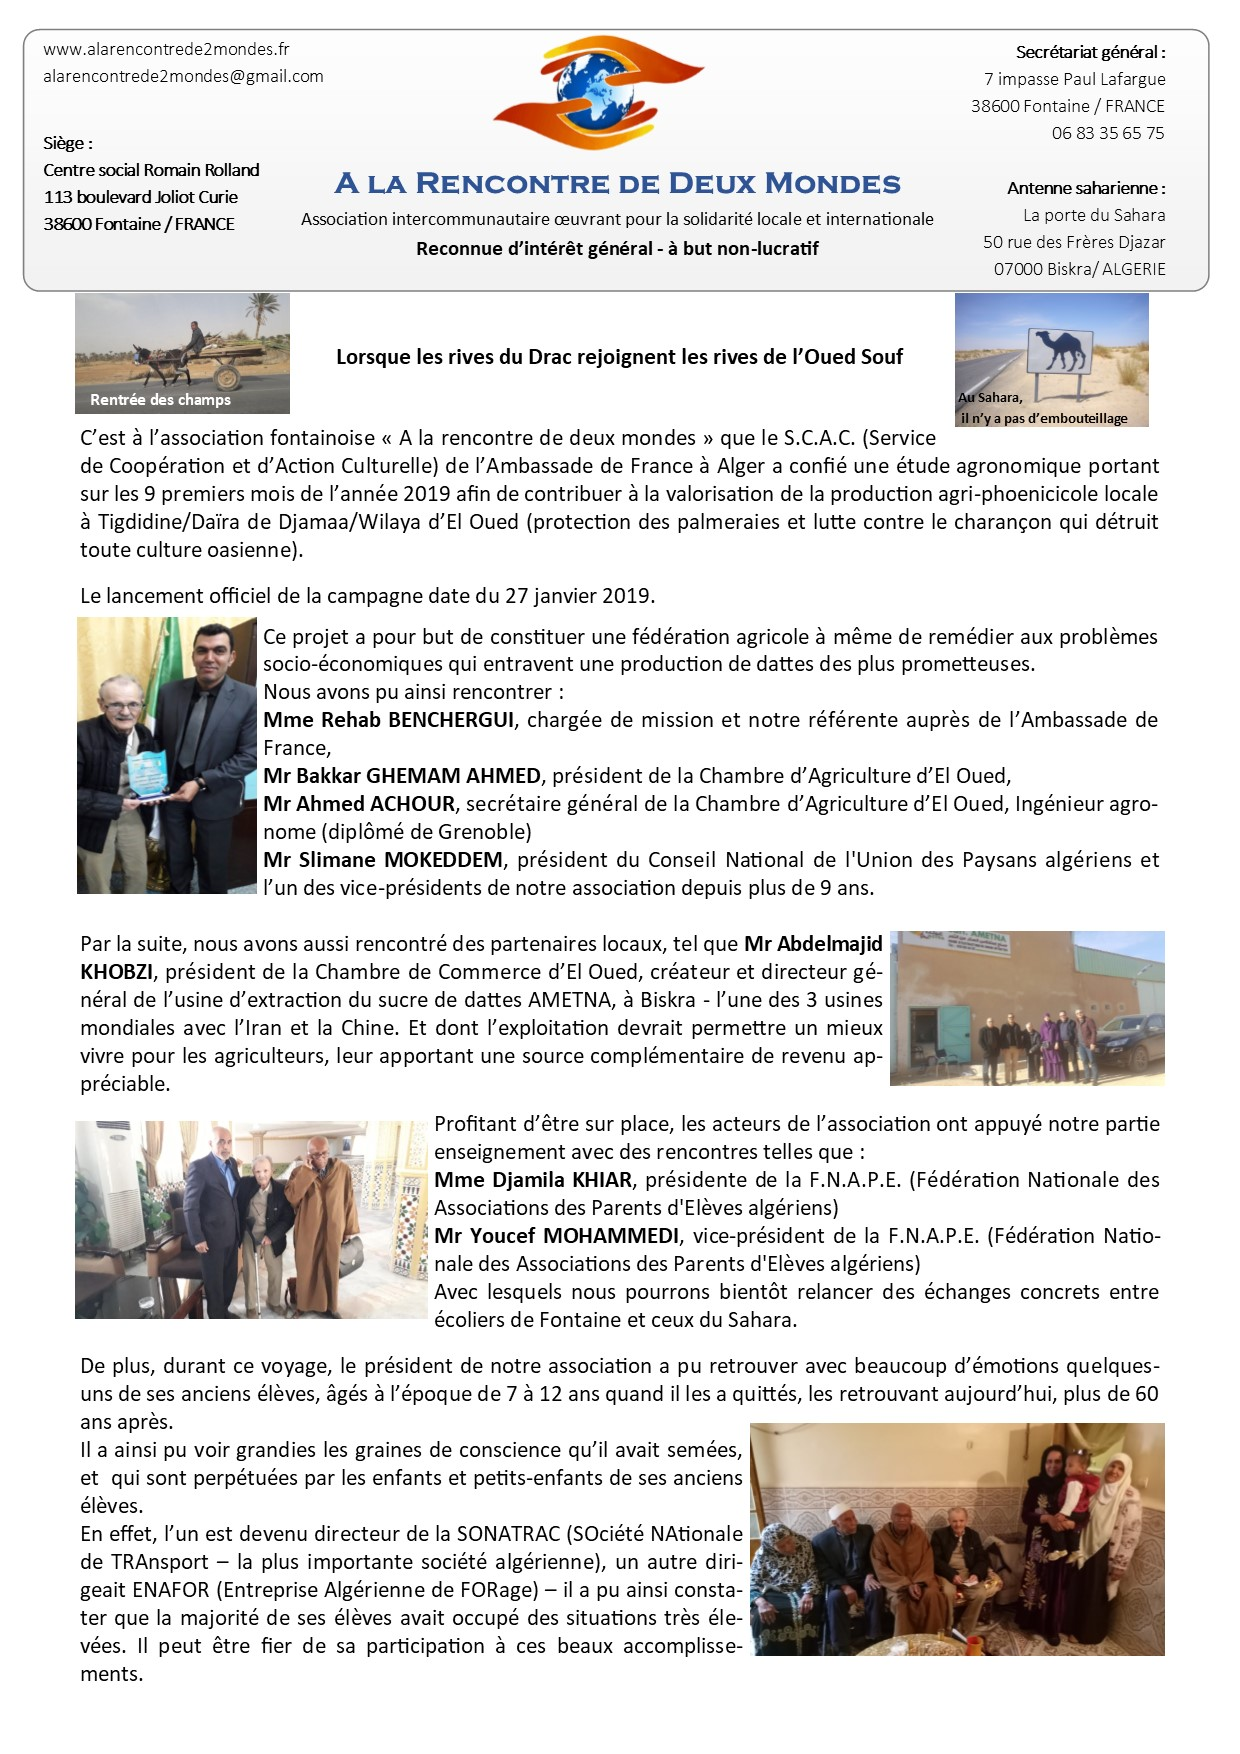 article_journal_voyage_algérie